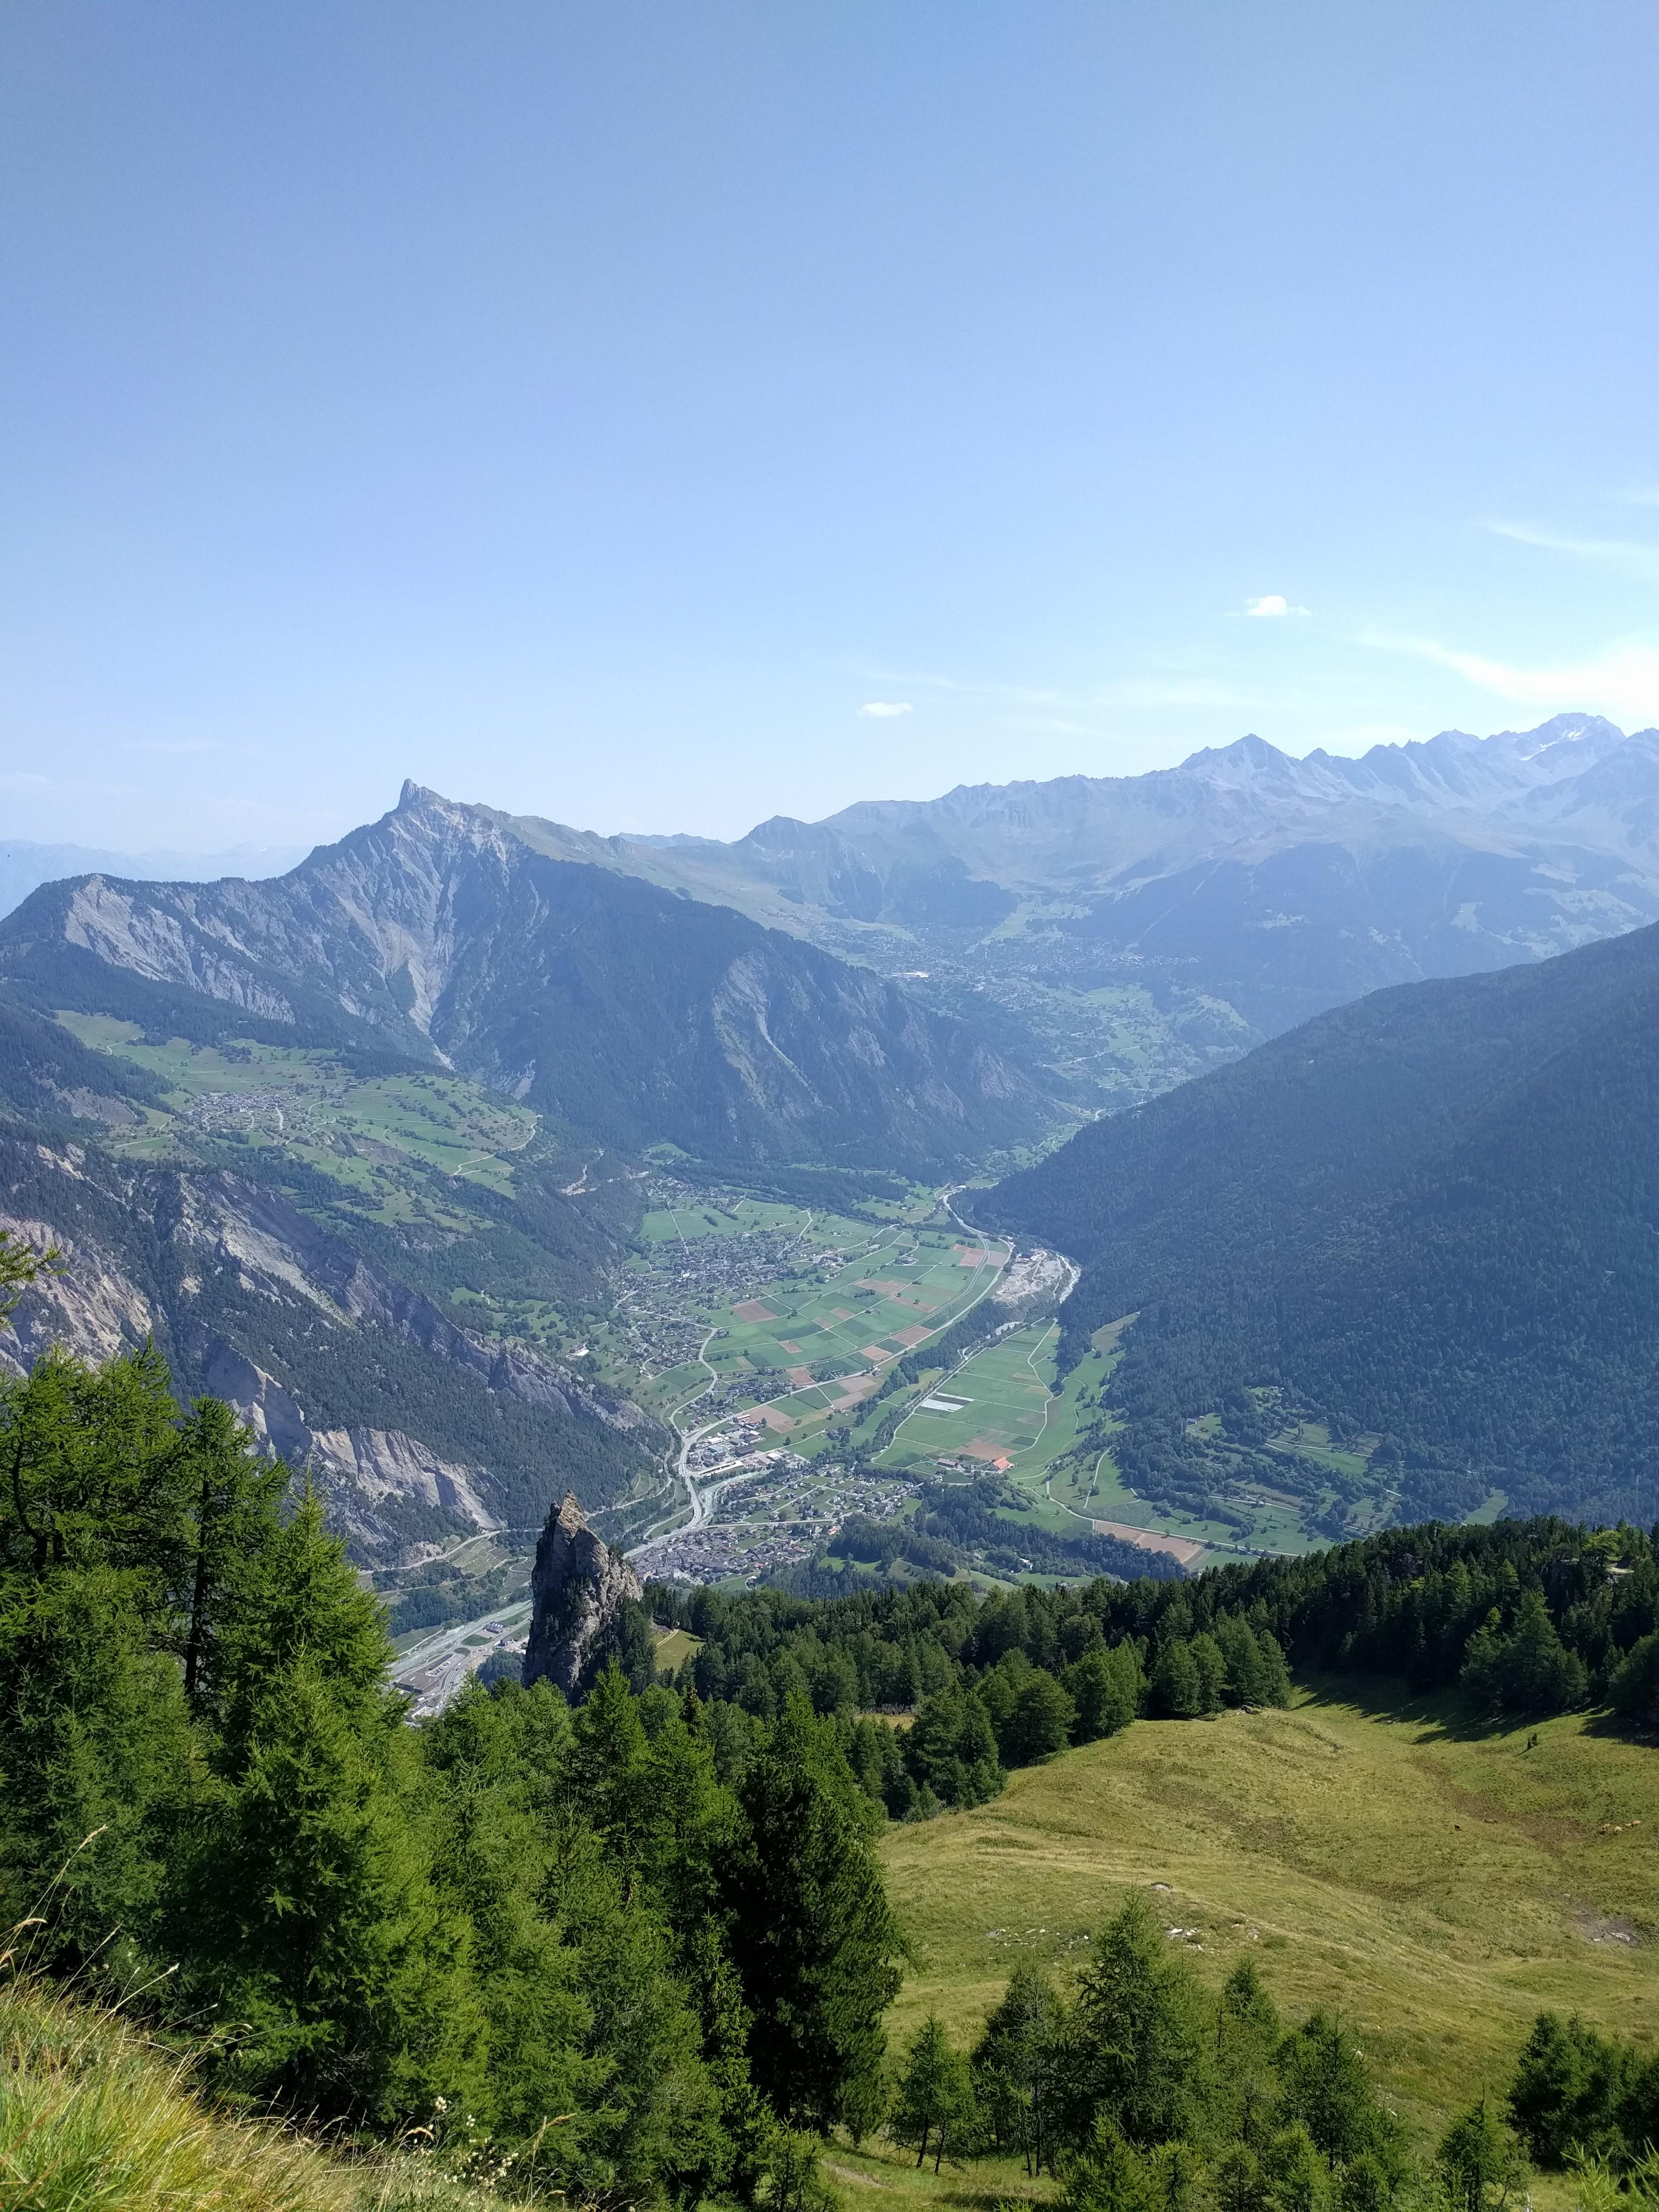 Vue sur l'alpage de Catogne, La Dent, Sembrancher, la Pierre-à-voir